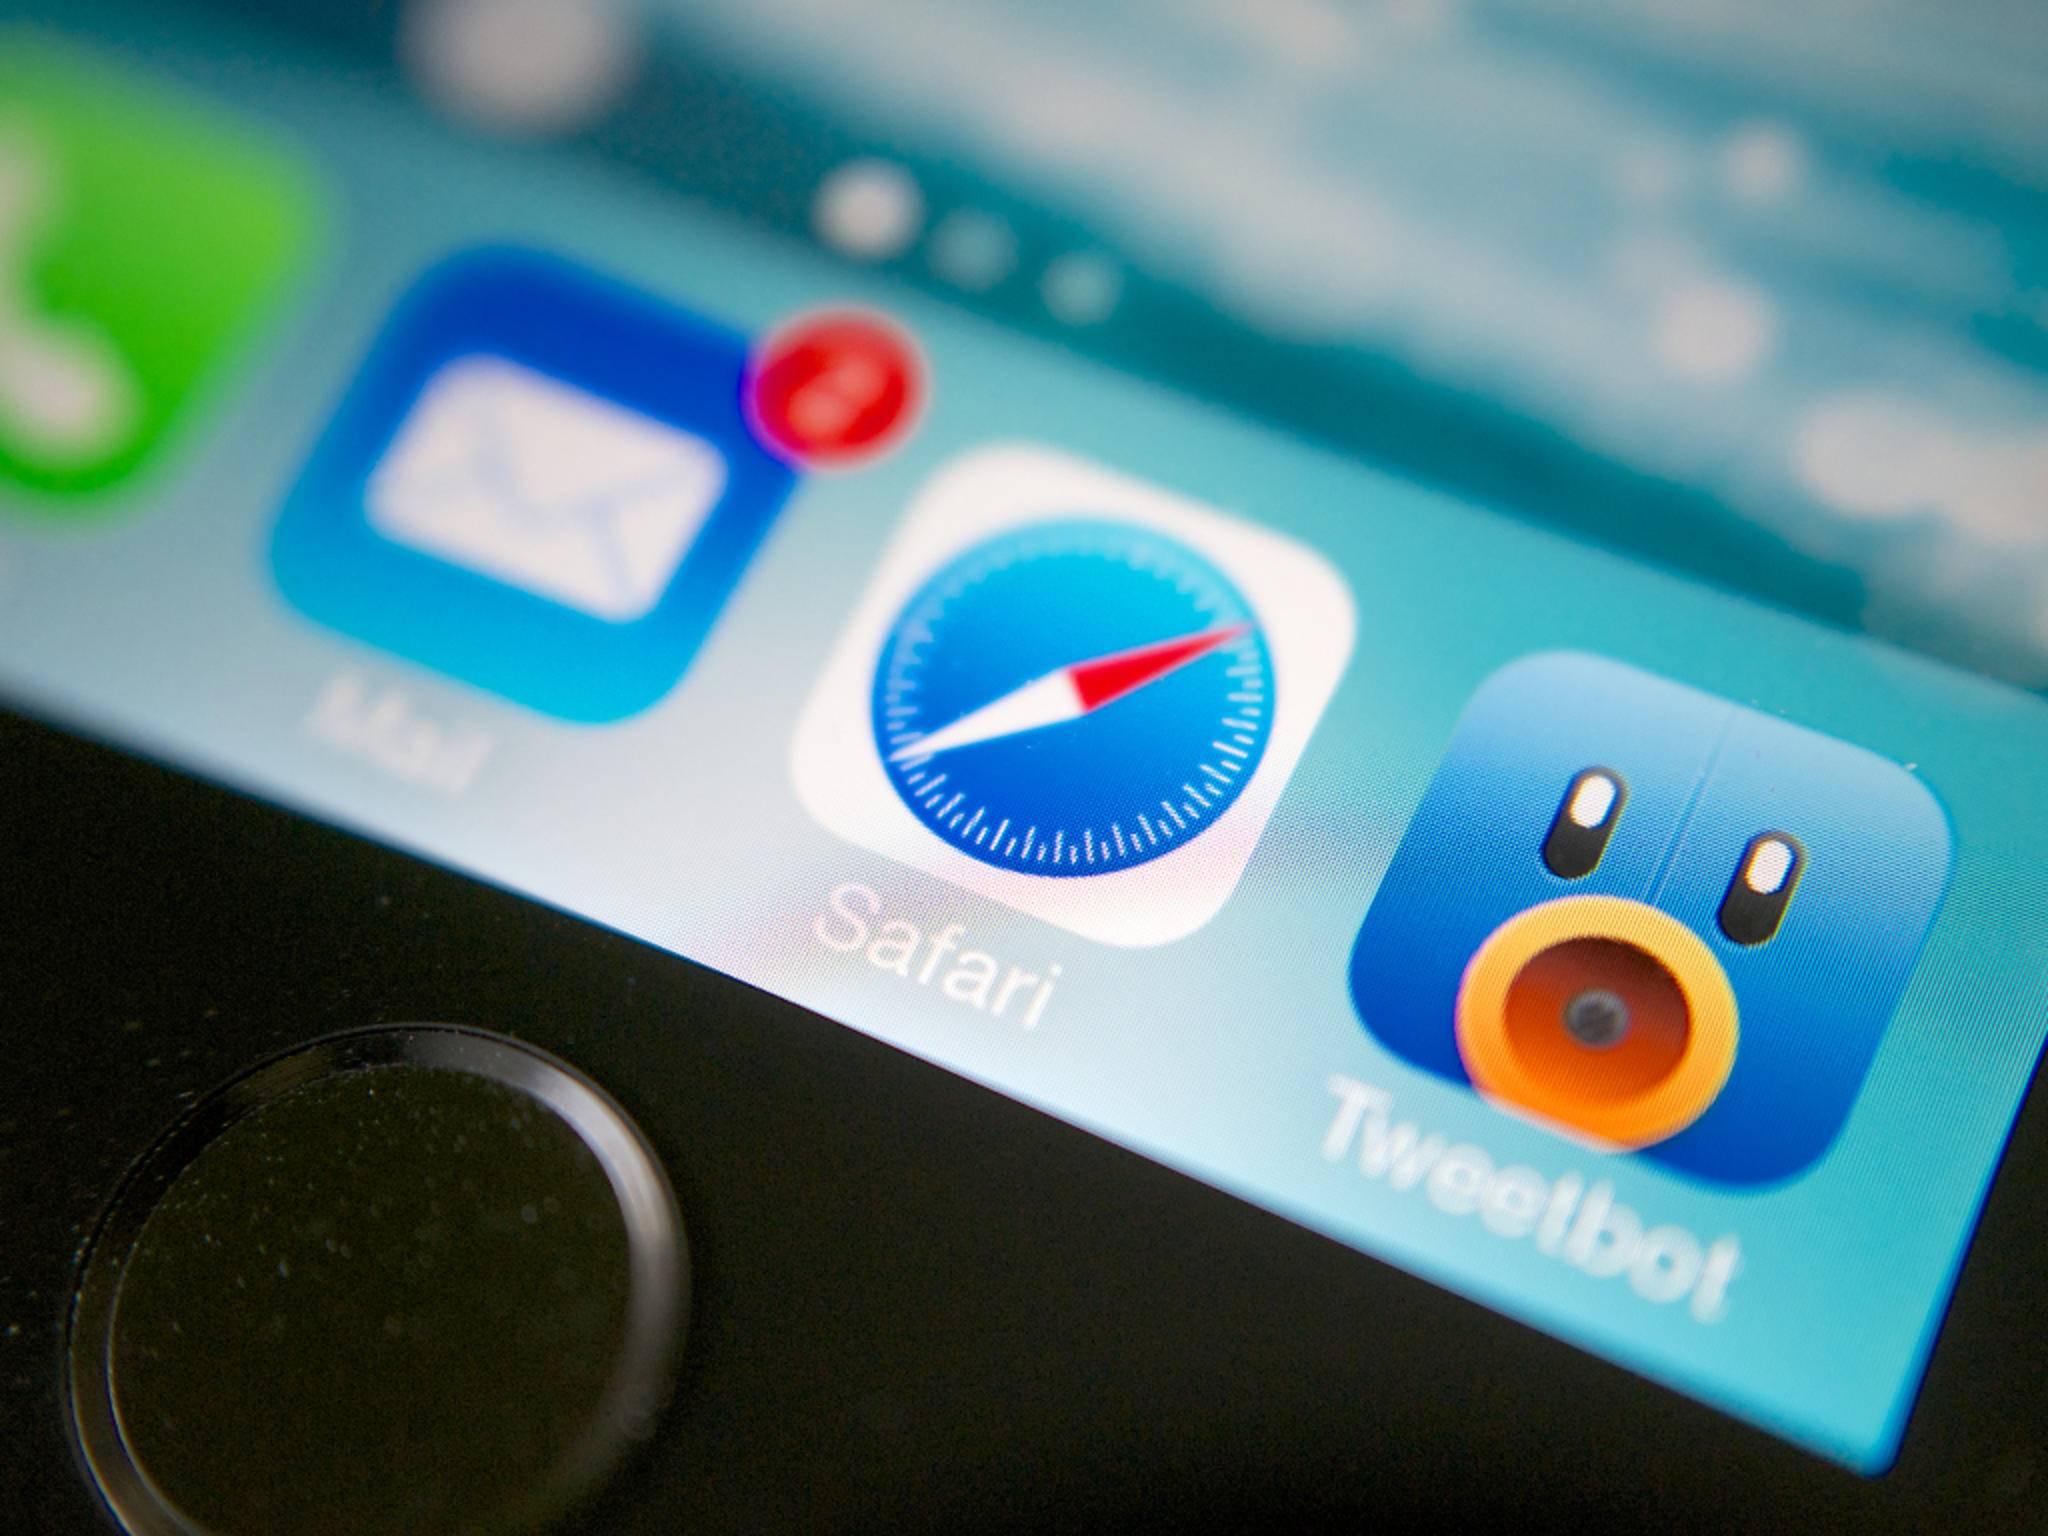 Safari-Links sorgen in iOS 9.3 für massive Probleme.